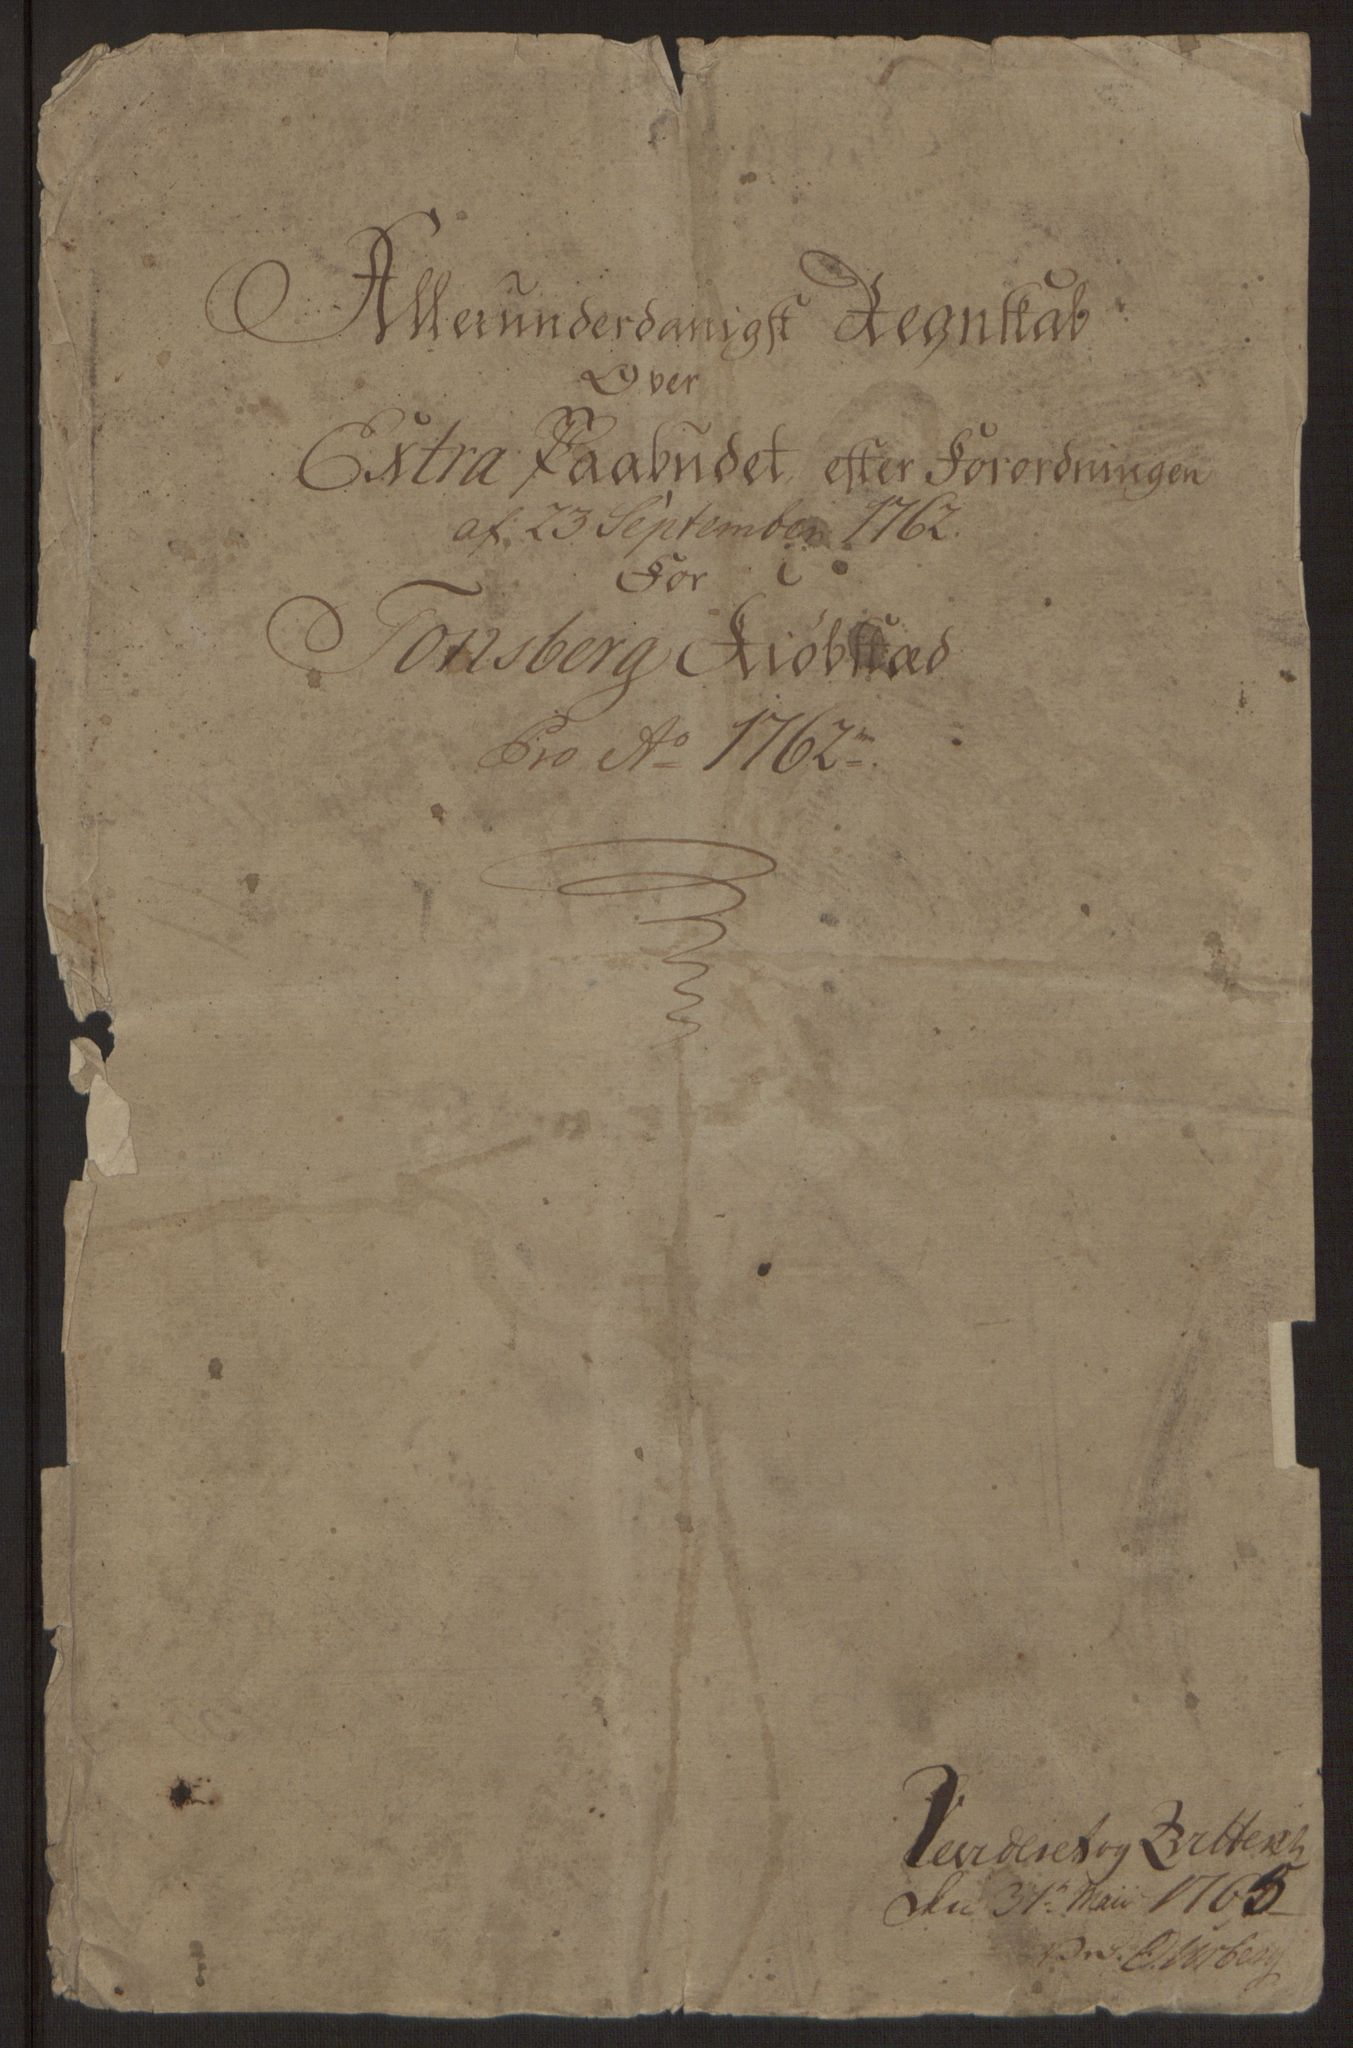 RA, Rentekammeret inntil 1814, Reviderte regnskaper, Byregnskaper, R/Rh/L0162: [H4] Kontribusjonsregnskap, 1762-1772, s. 4